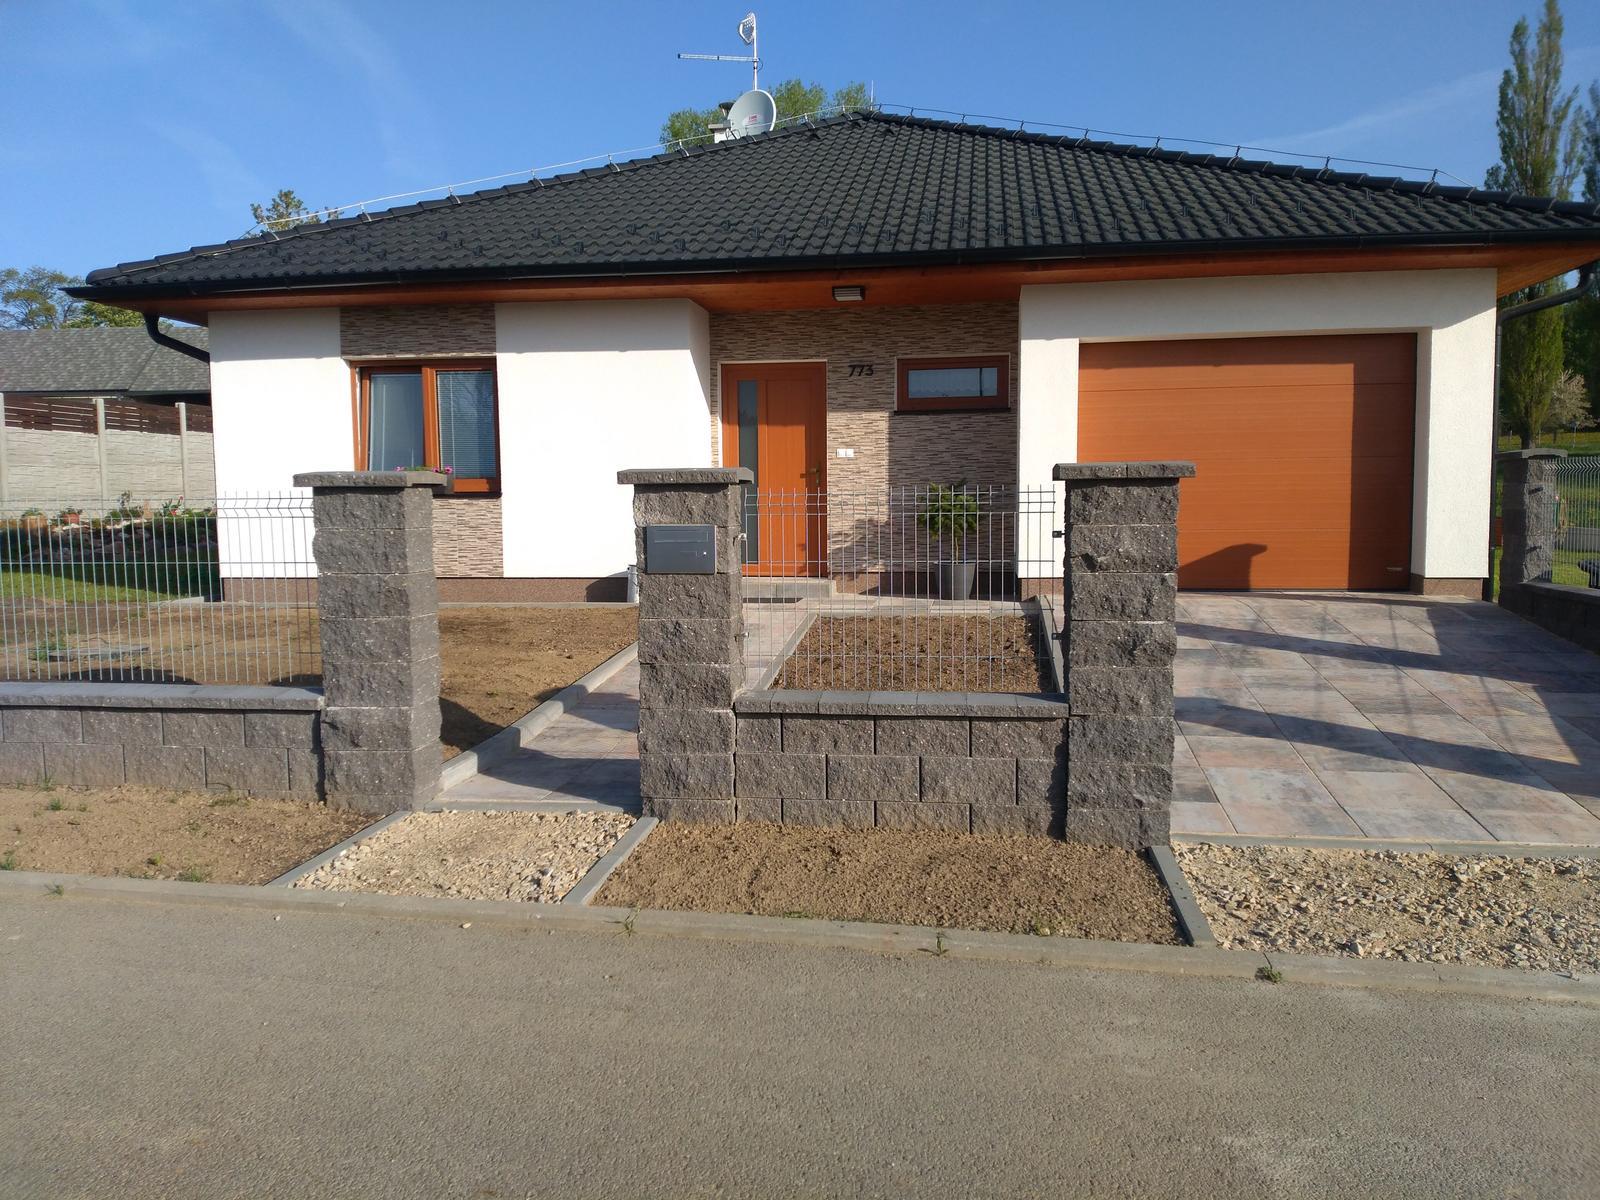 Stavba dřevostavby - Hotovo, konečně budeme chodit do baráku jako lidi.